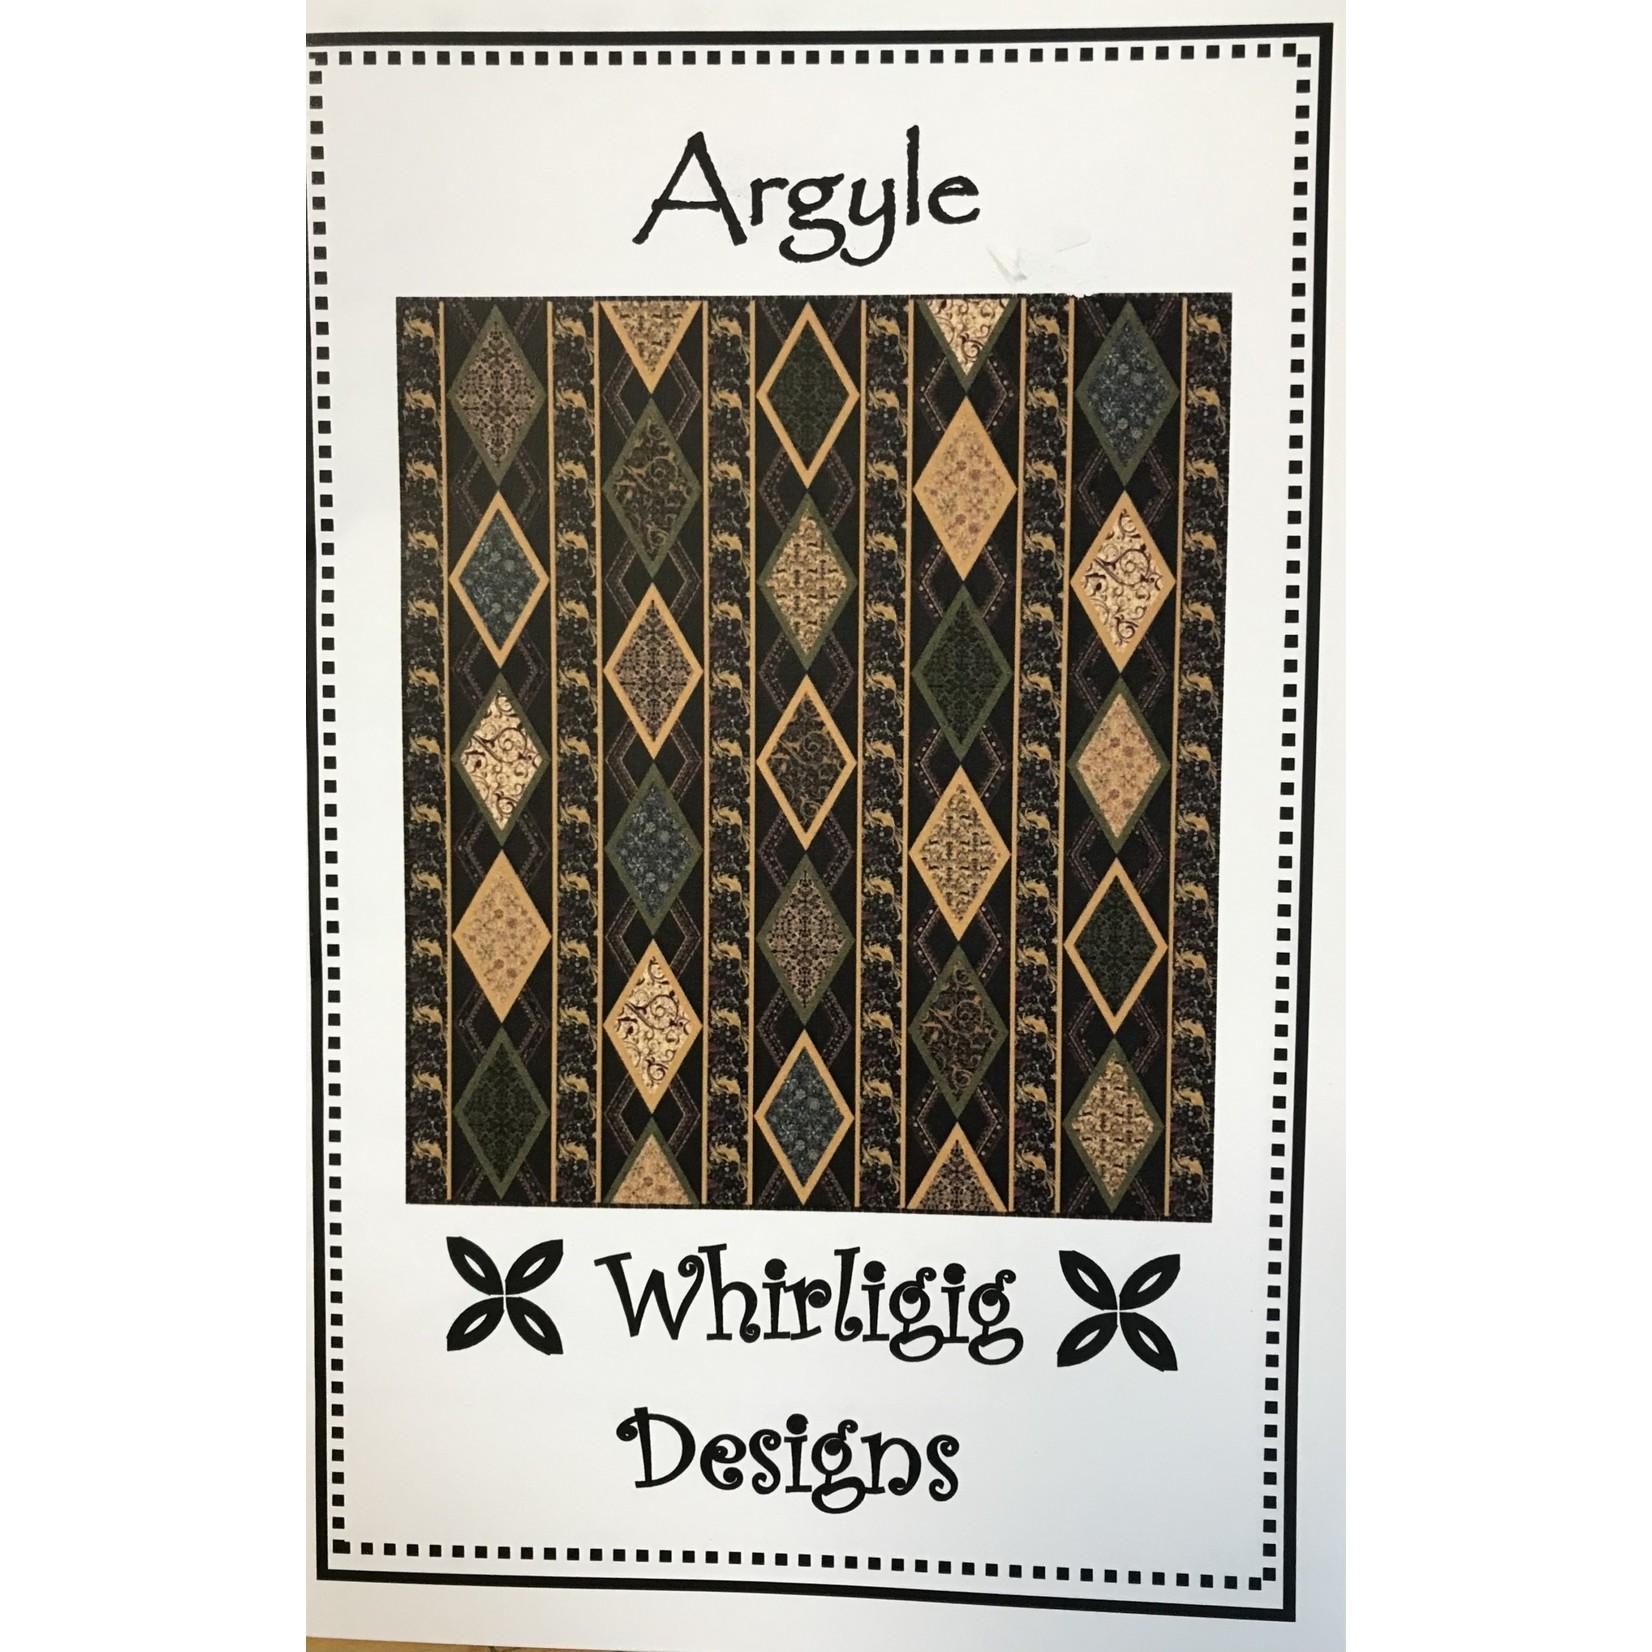 Whirligig Designs ARGYLE PATTERN